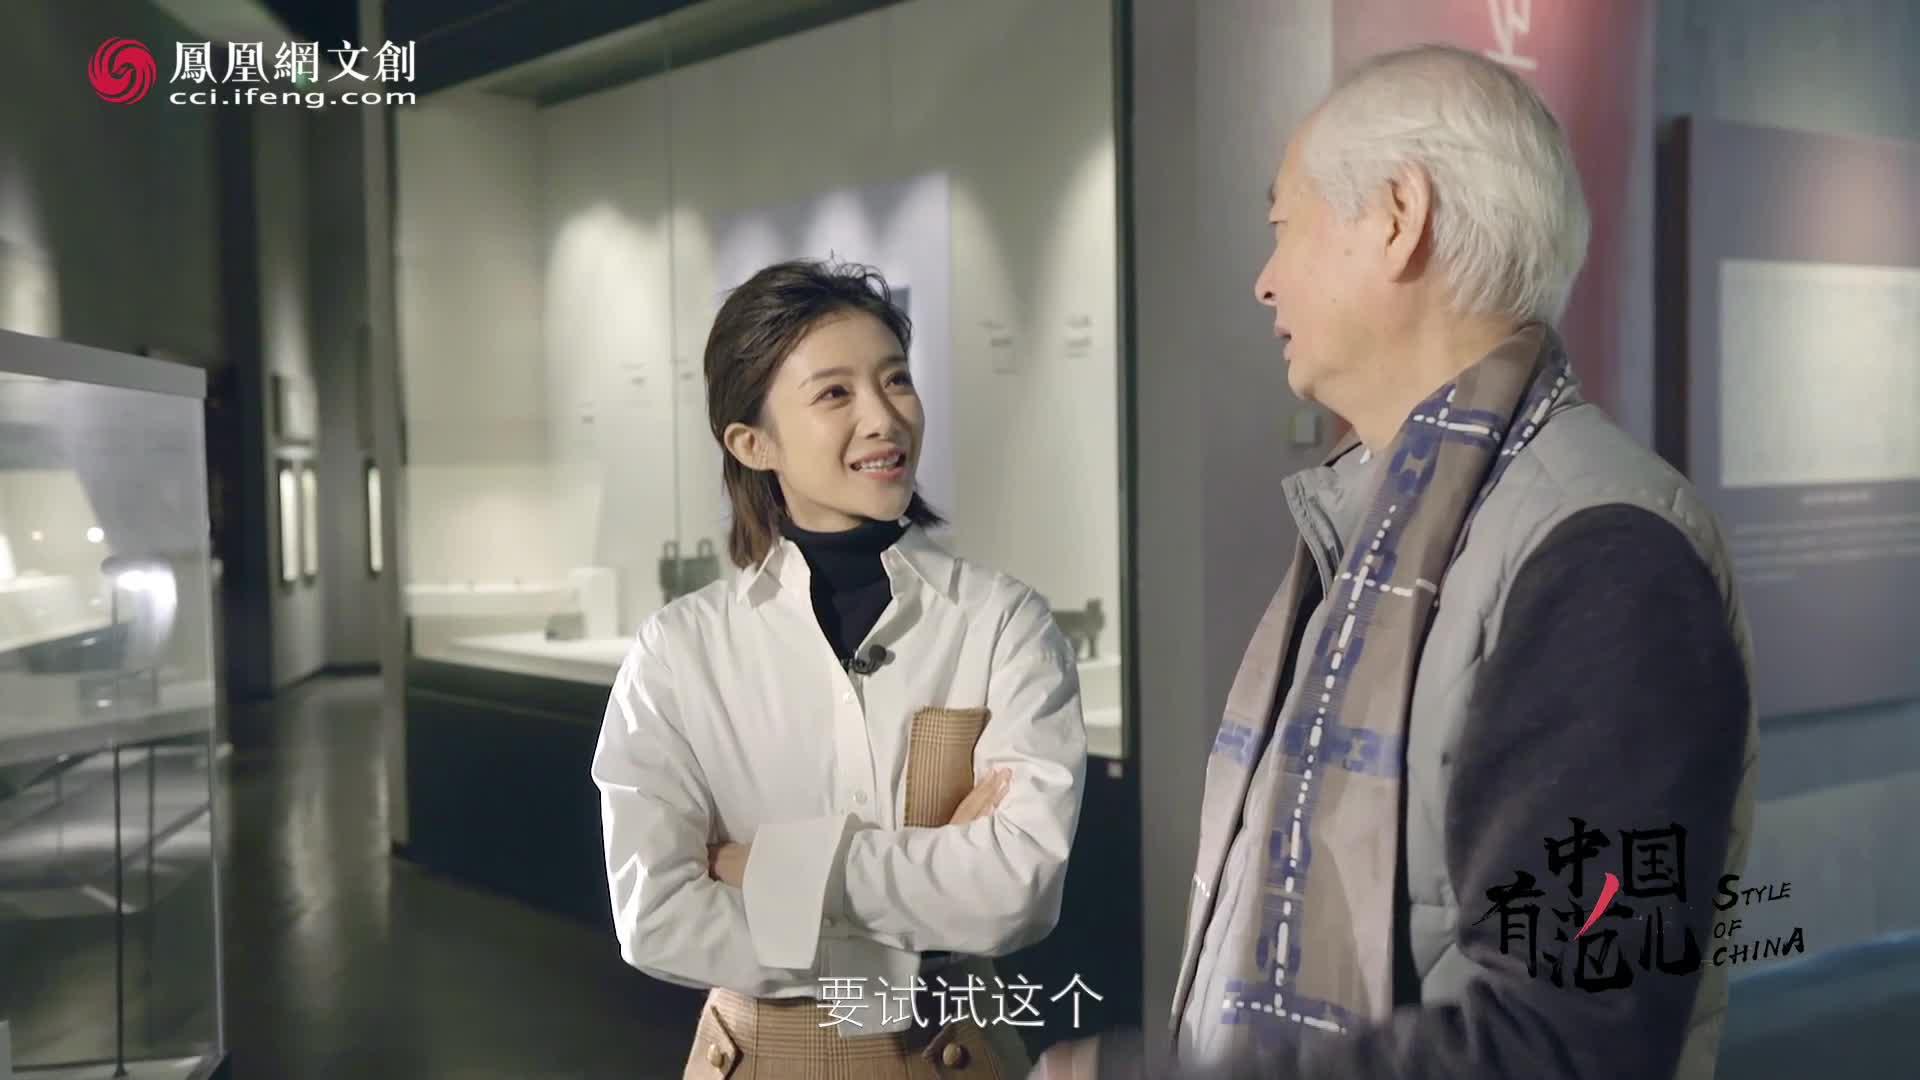 赵季平:要用中国民族的语言写老百姓喜欢的音乐